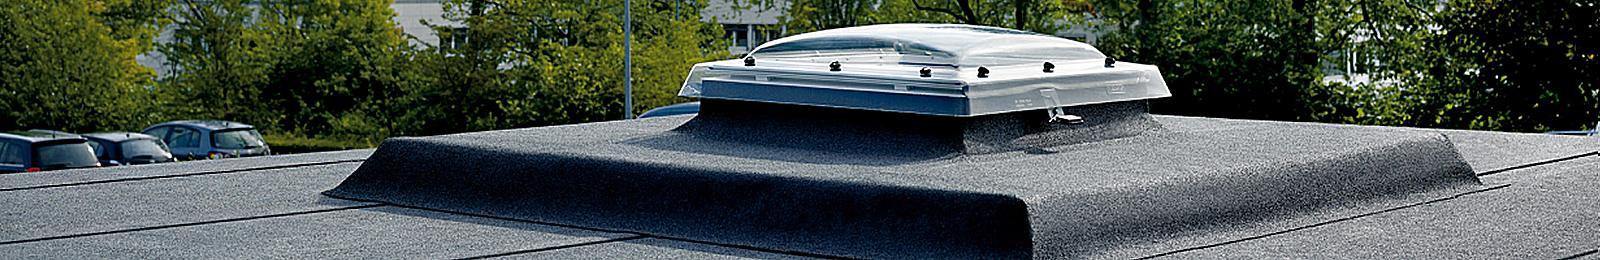 Favoriete Een EPDM dak zelf maken - Topdaken.nl PI02